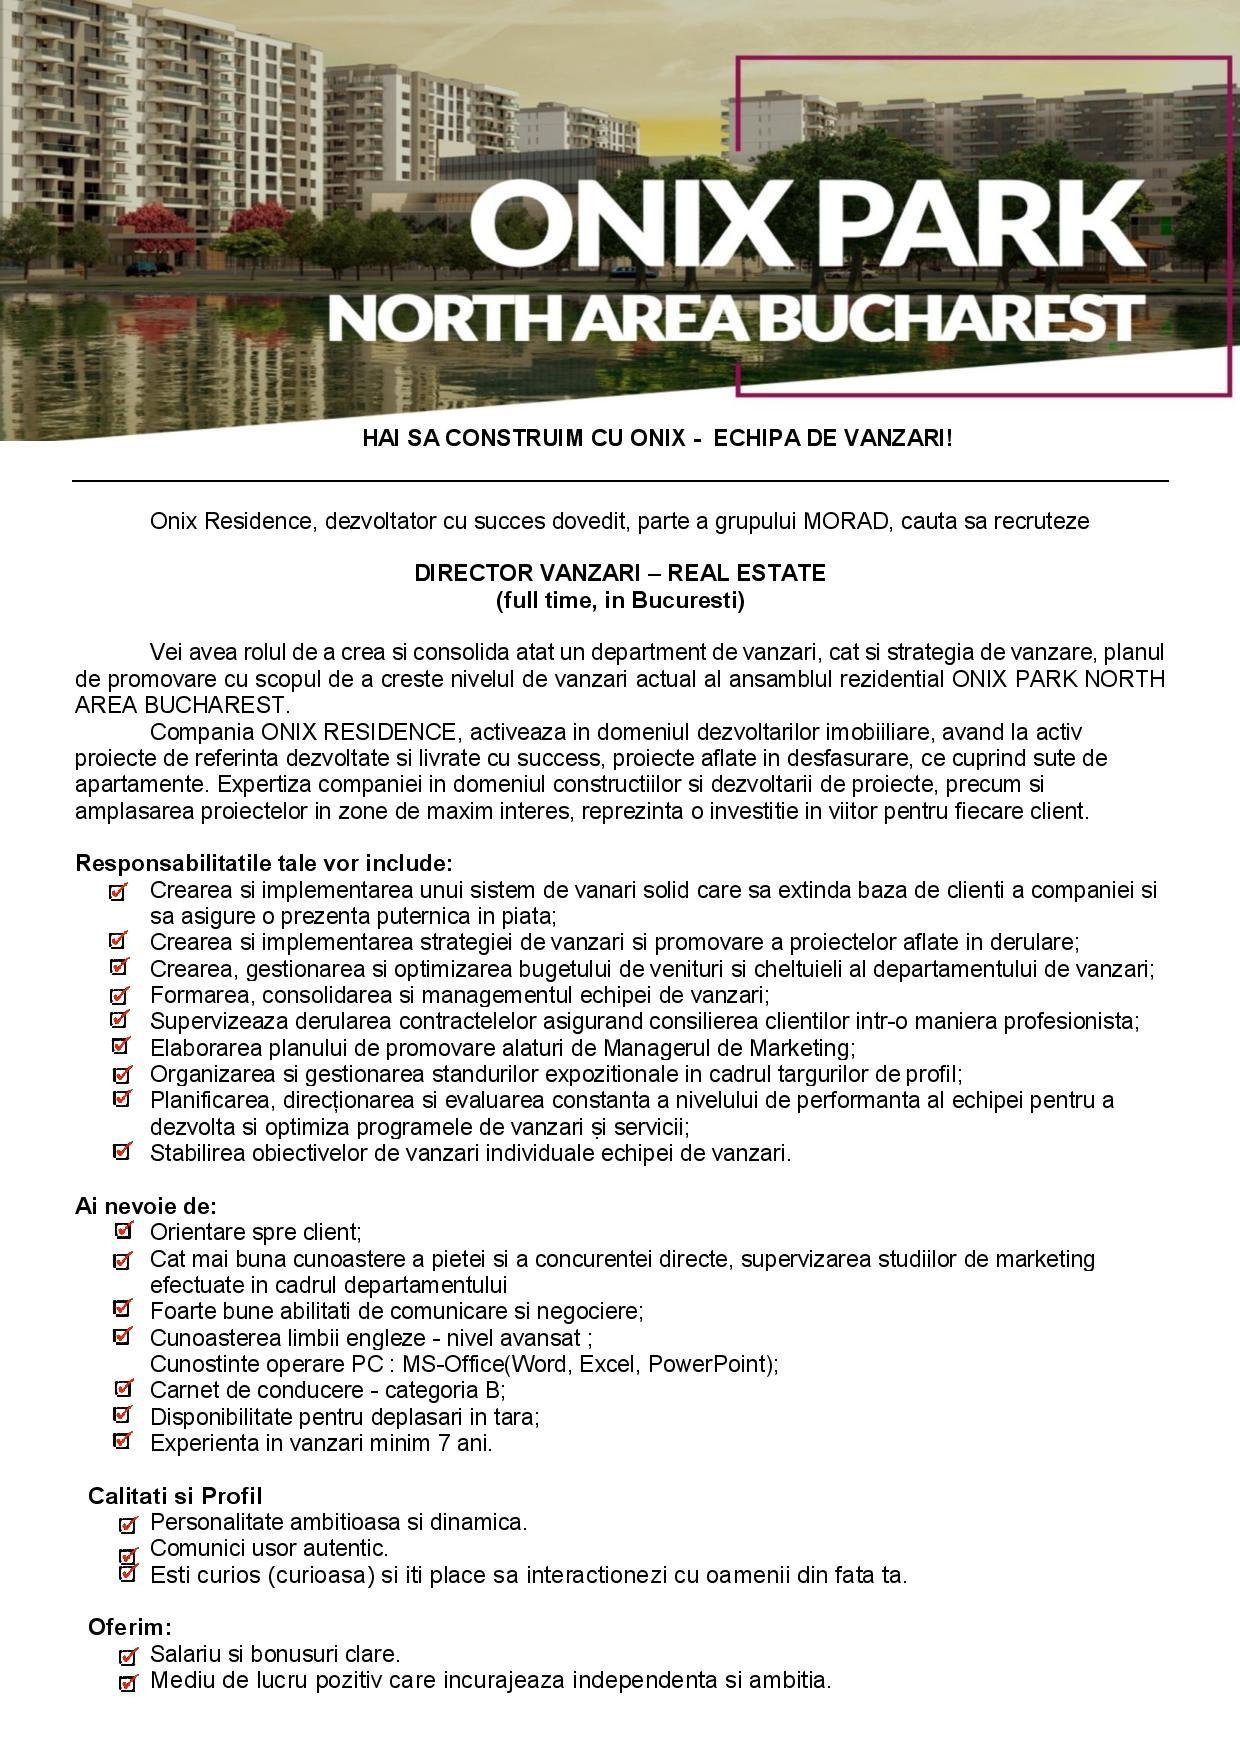 JD - DIRECTOR VANZARI 2 pdf-page-001